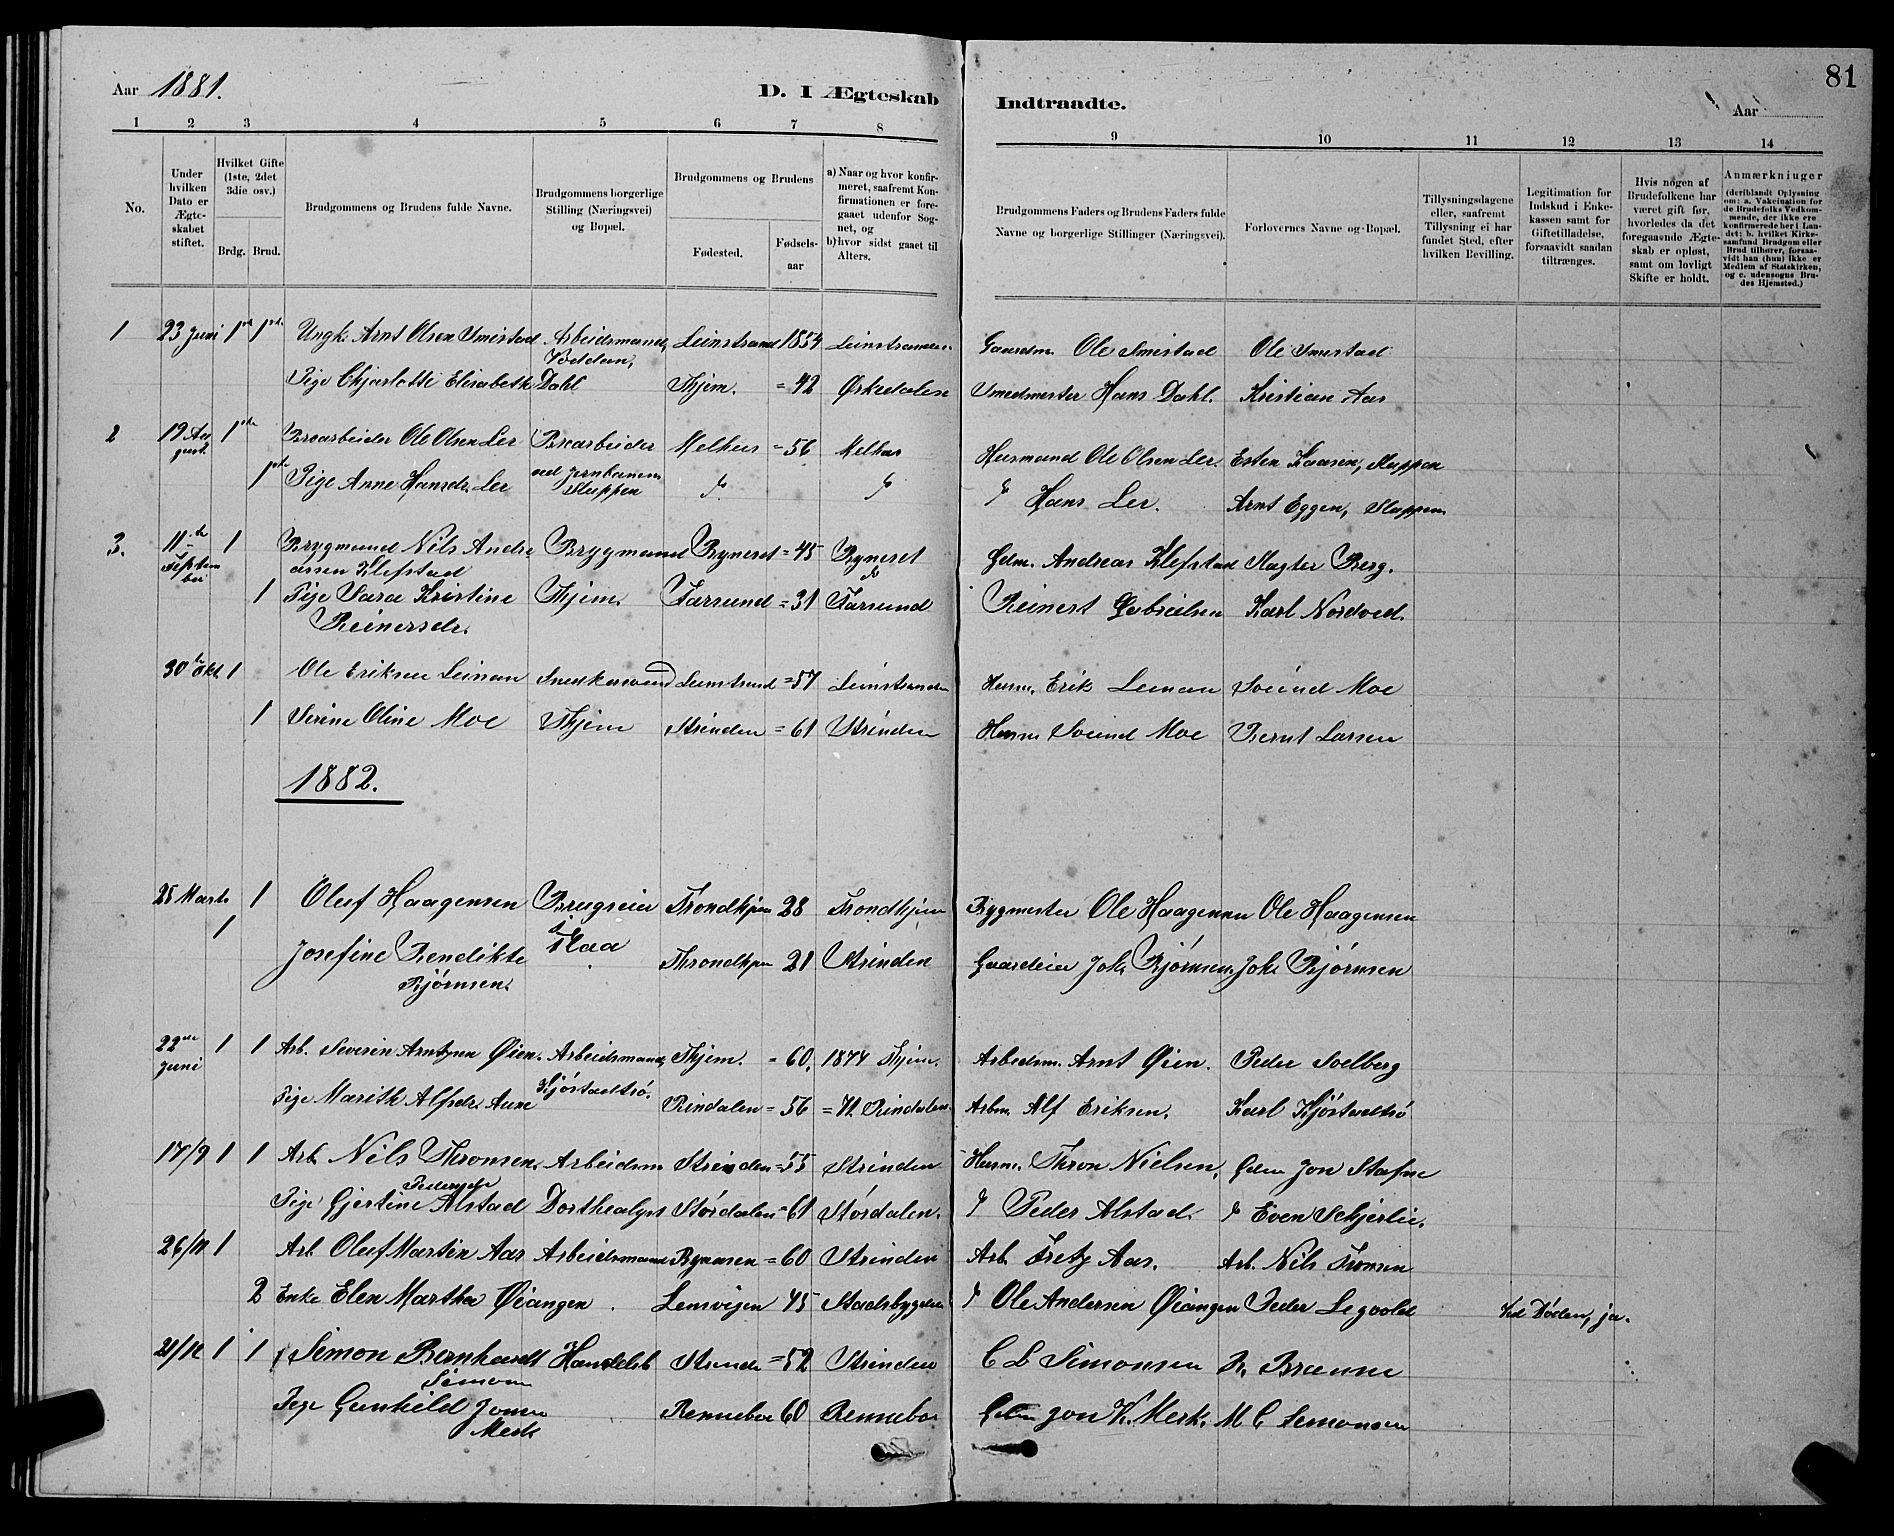 SAT, Ministerialprotokoller, klokkerbøker og fødselsregistre - Sør-Trøndelag, 611/L0354: Klokkerbok nr. 611C02, 1881-1896, s. 81